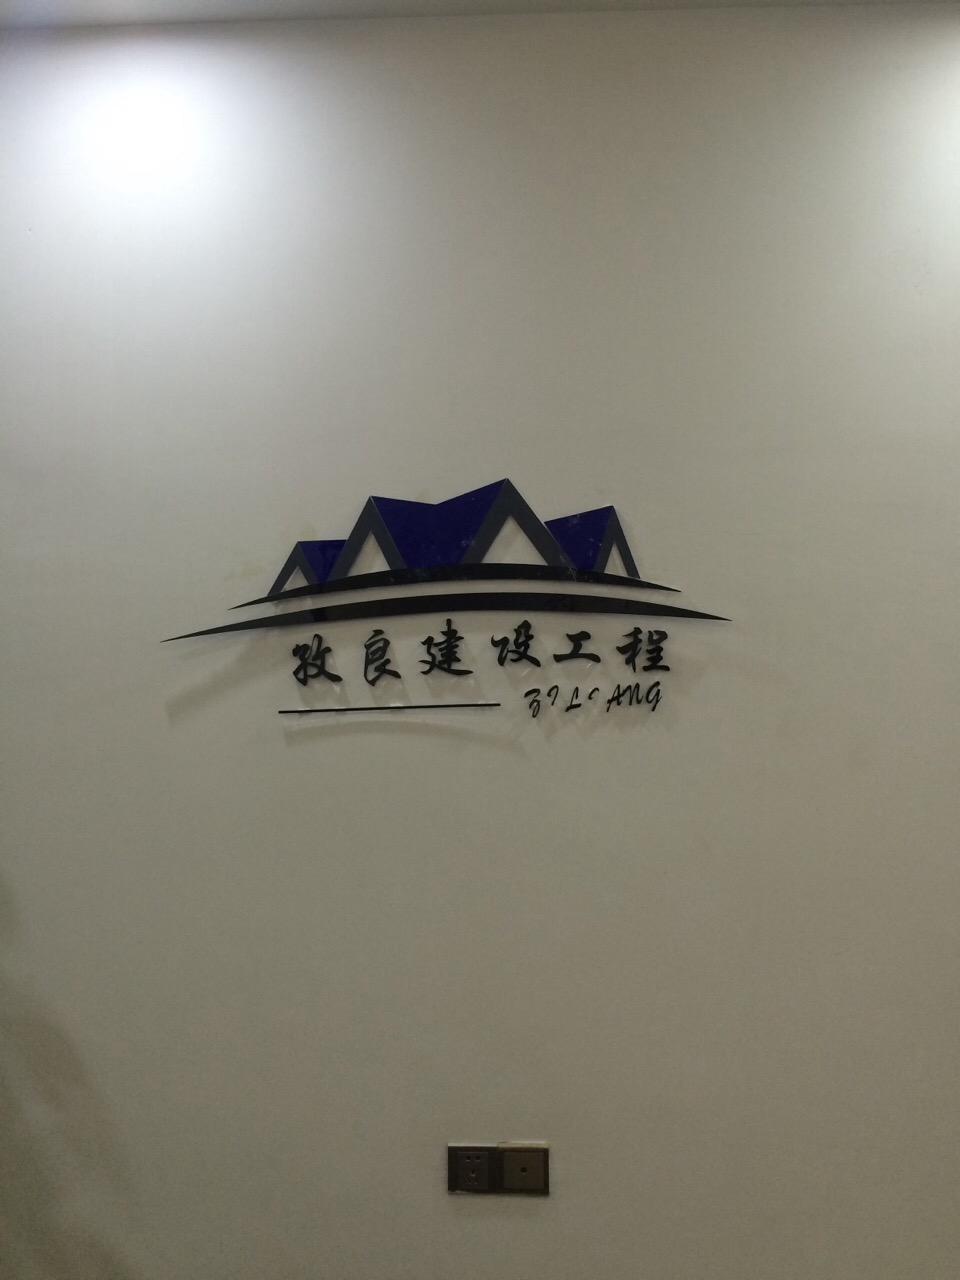 福建省孜良建设工程有限公司